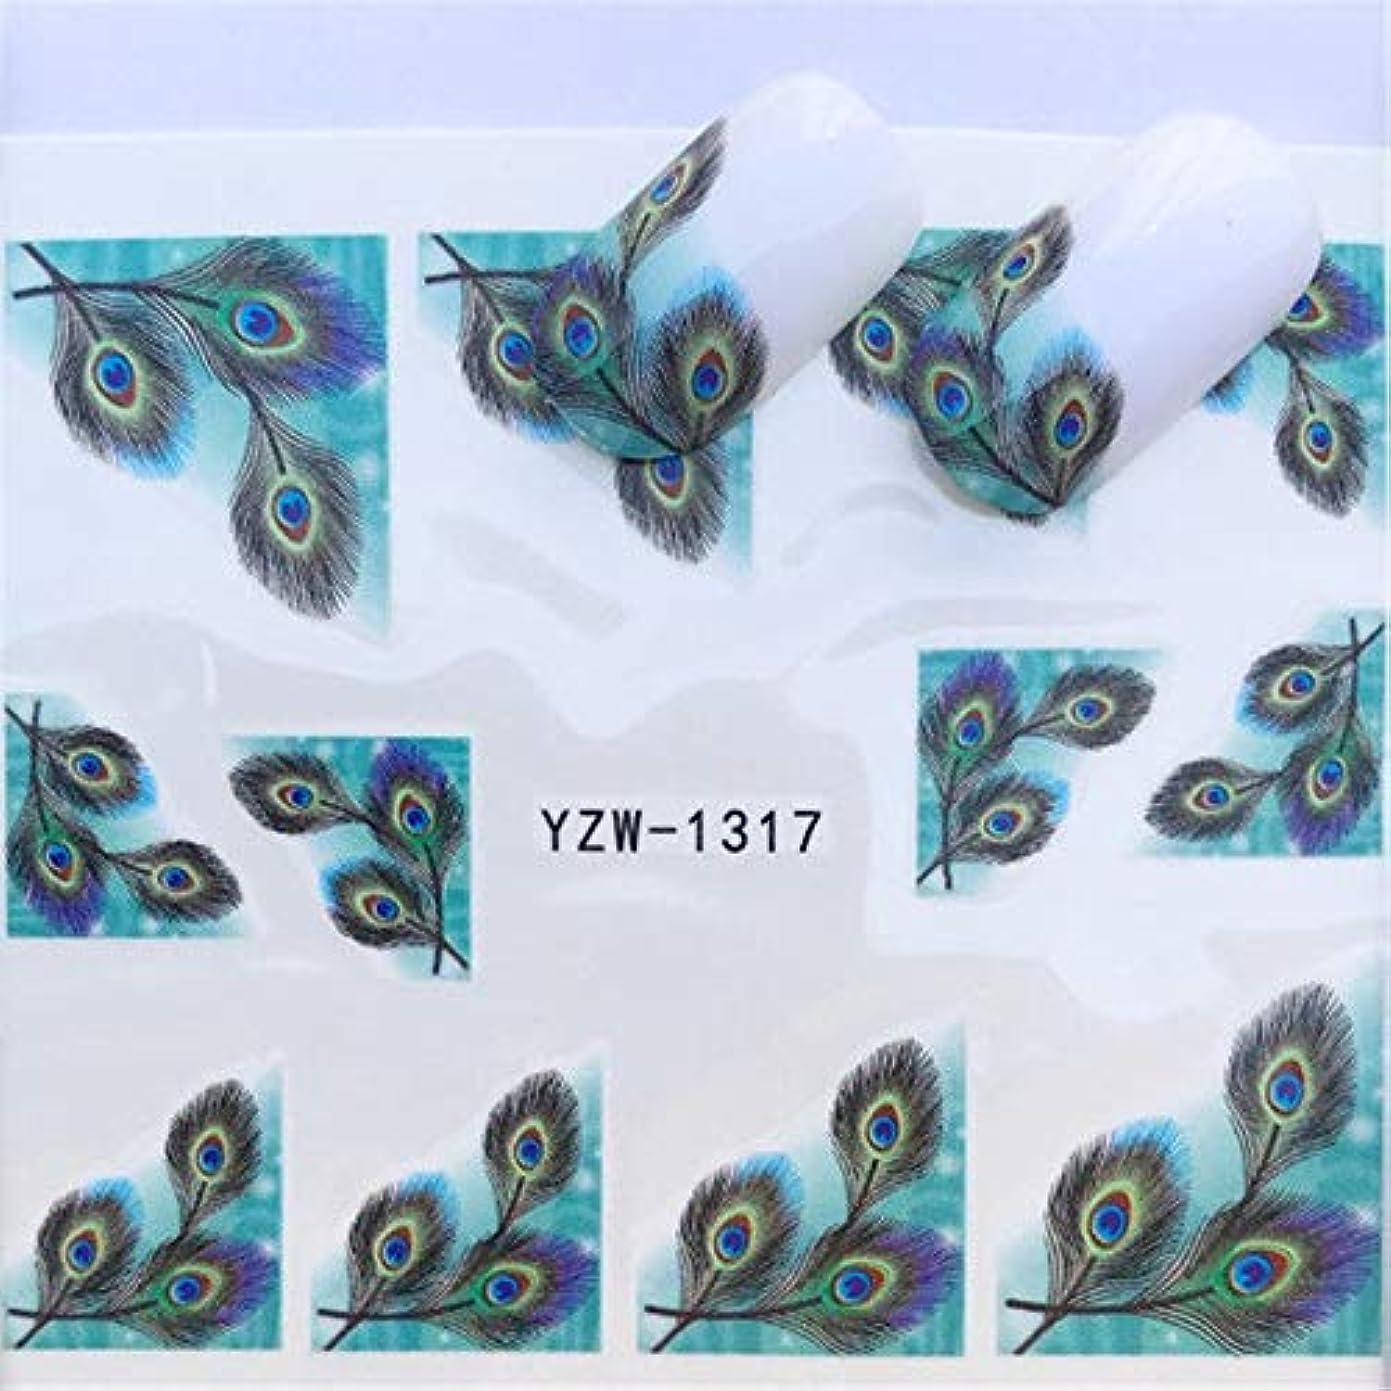 桃思い出前売SUKTI&XIAO ネイルステッカー 1シートカラー/フラワーネイルアート水デカール転送ステッカーかわいい動物マニキュアステッカー